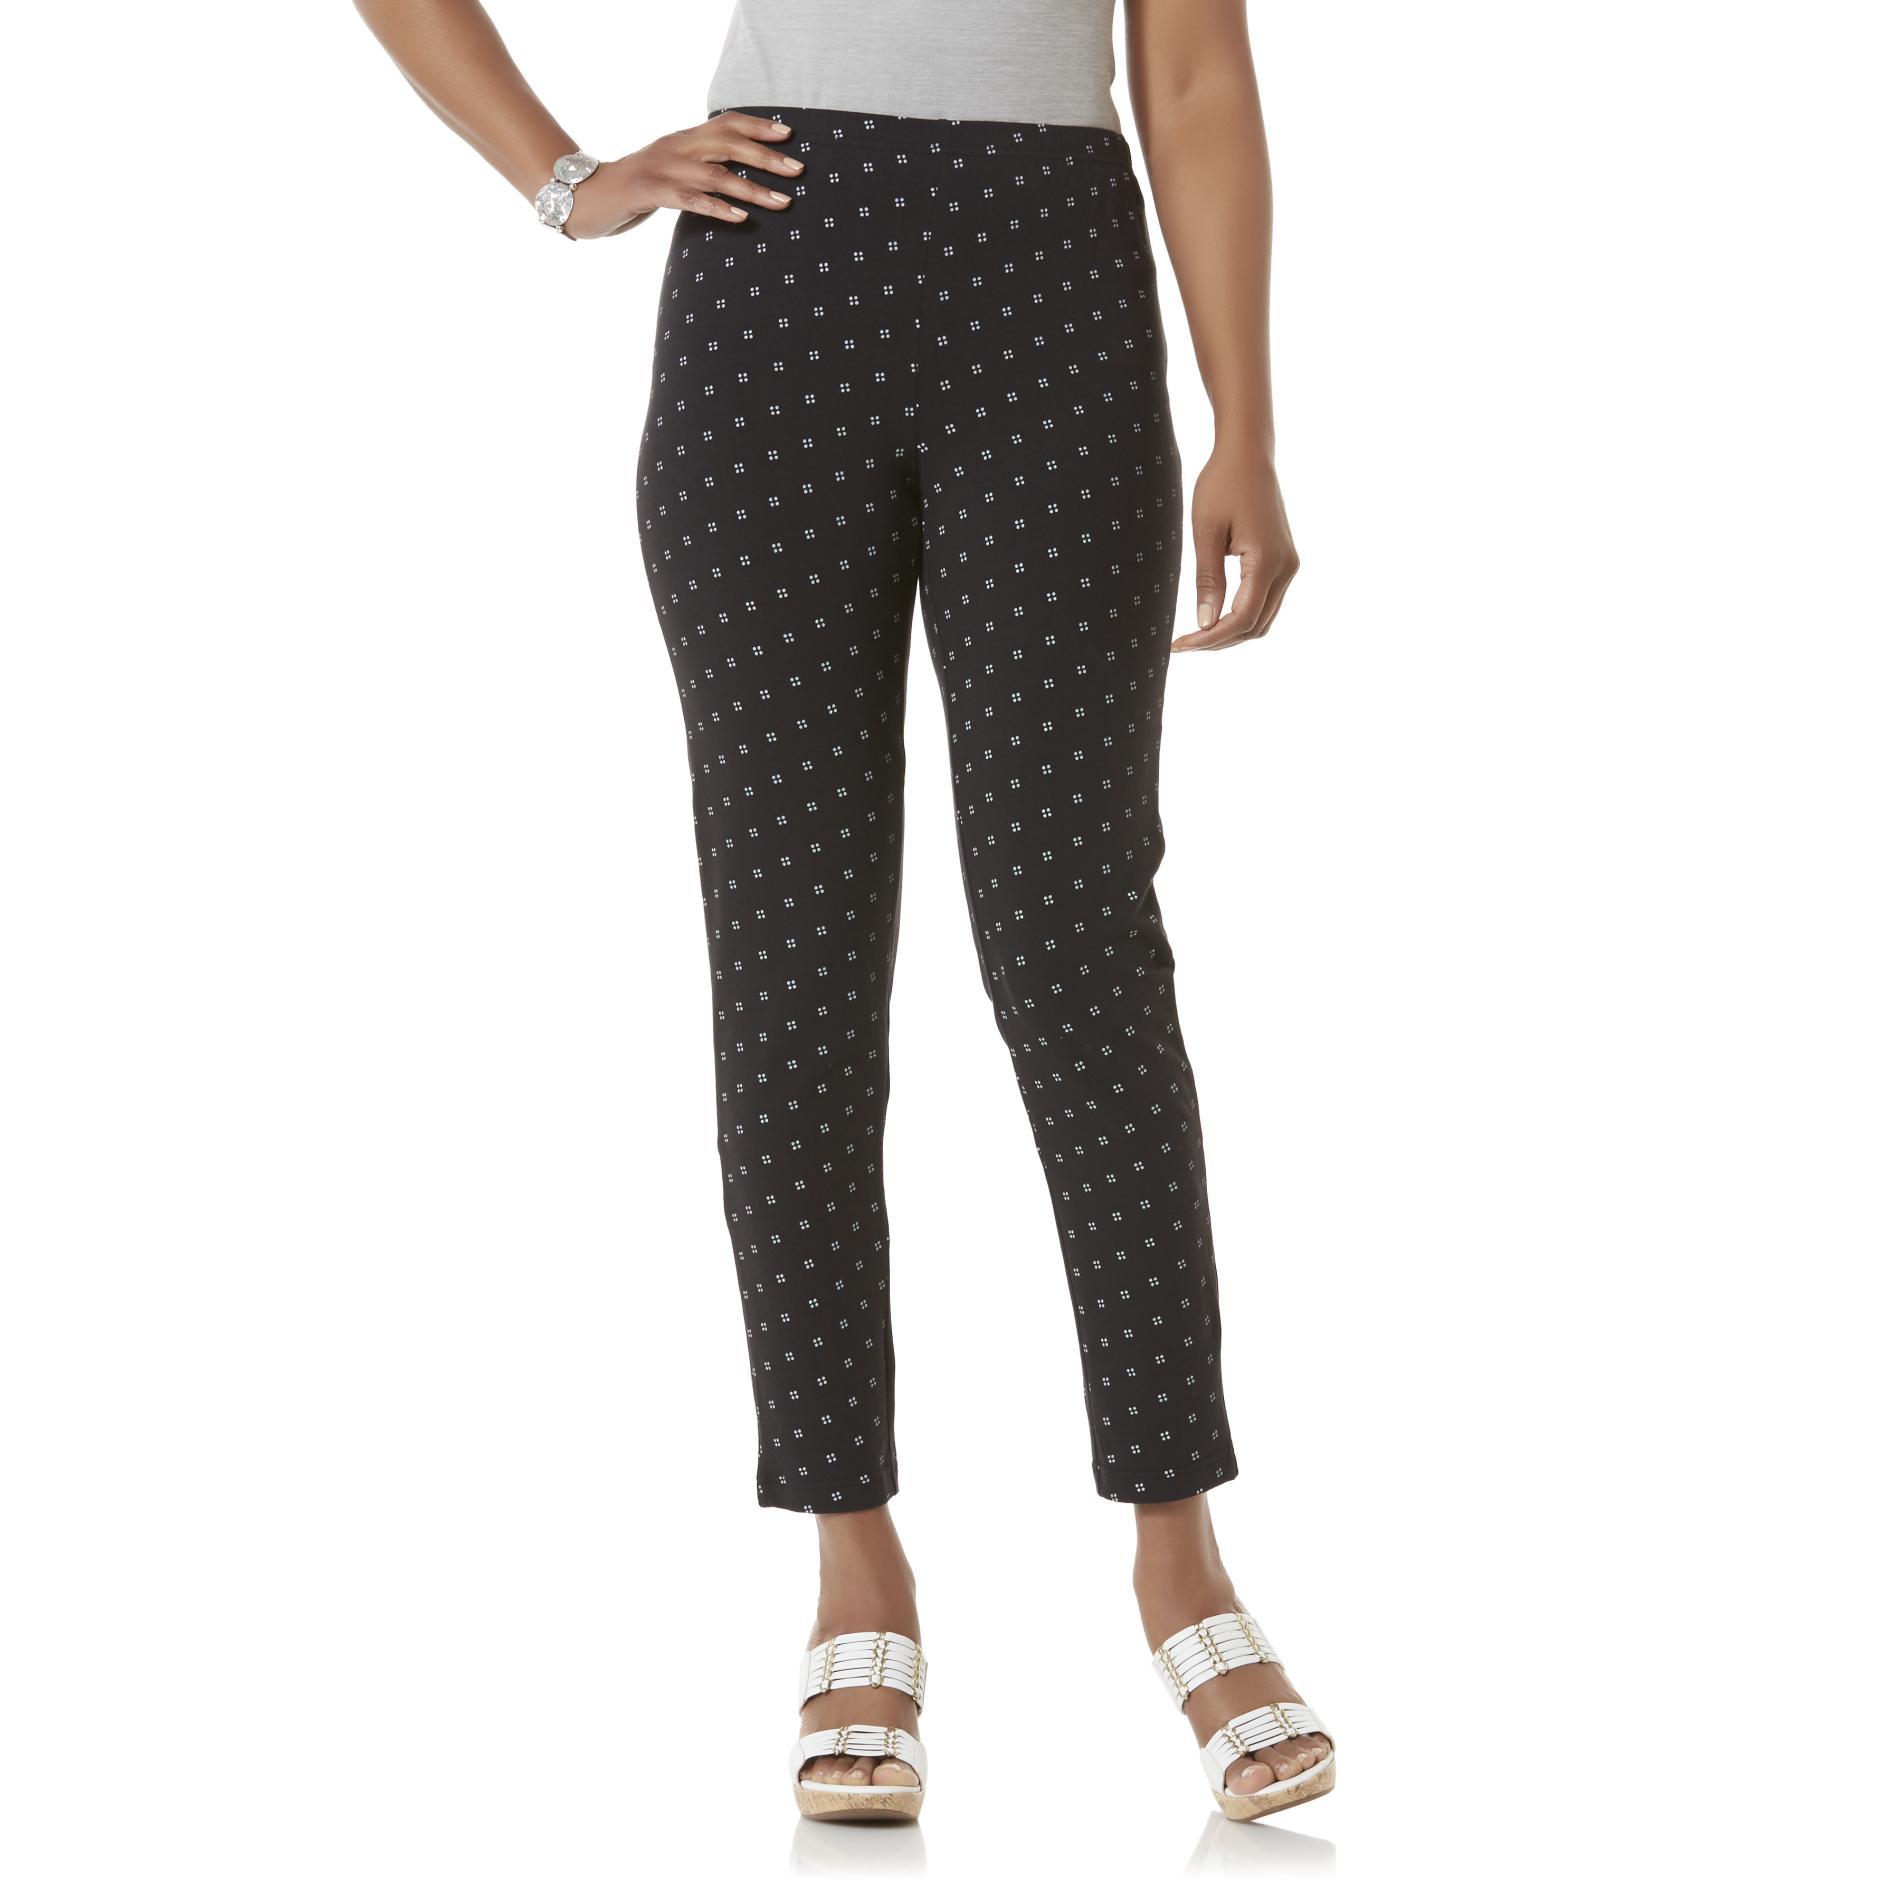 Basic Editions Women' Leggings - Dot Print